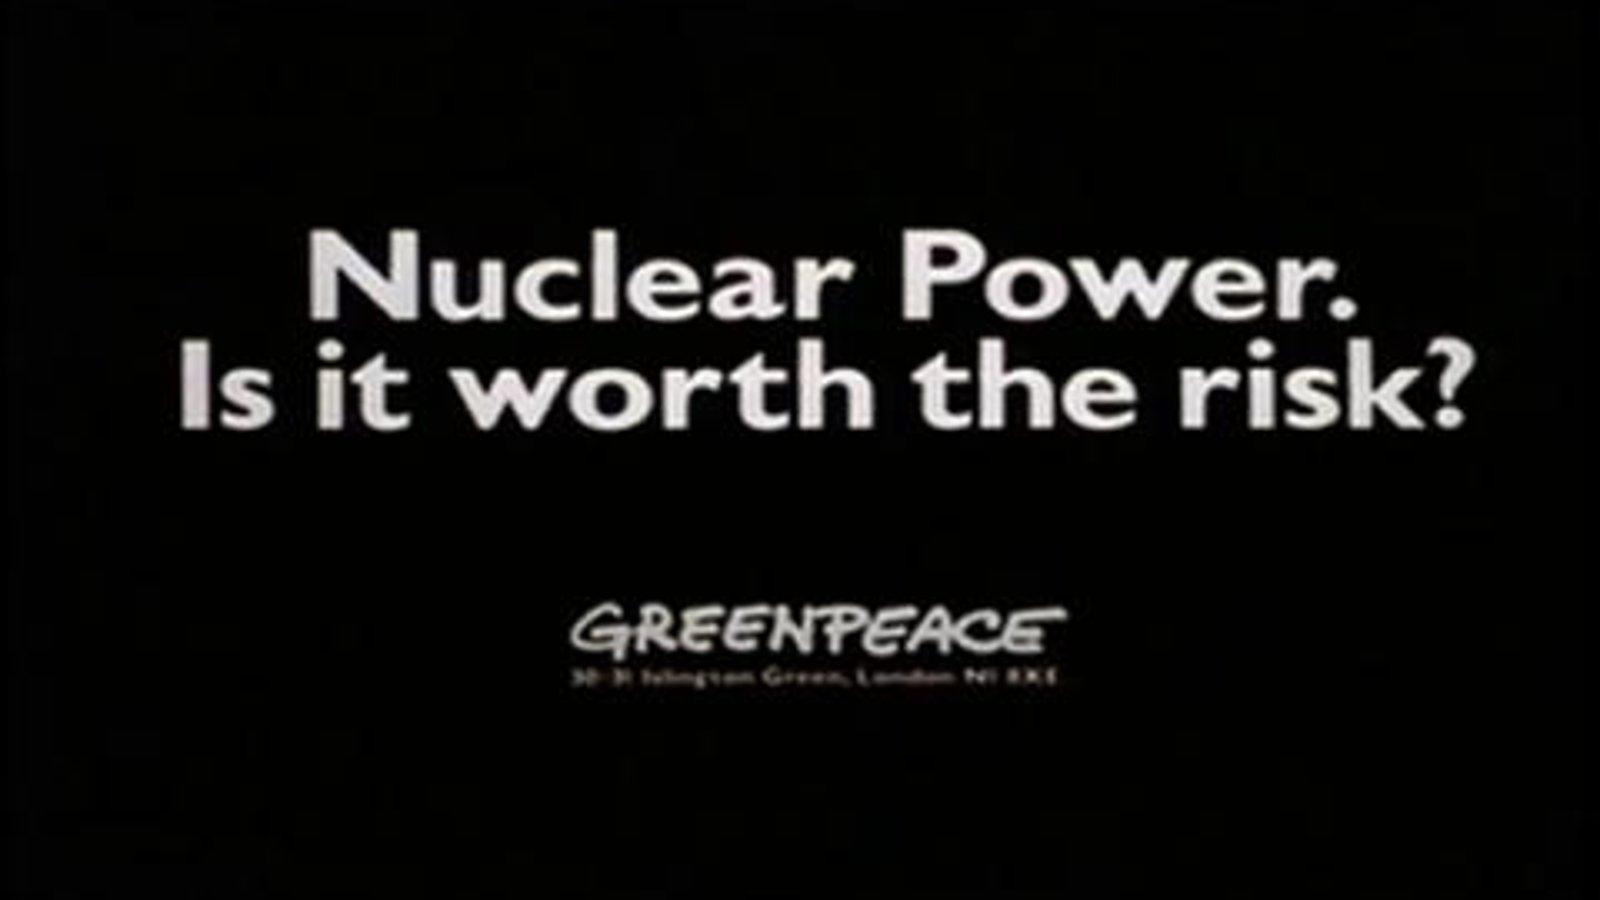 Greenpeace, The Story